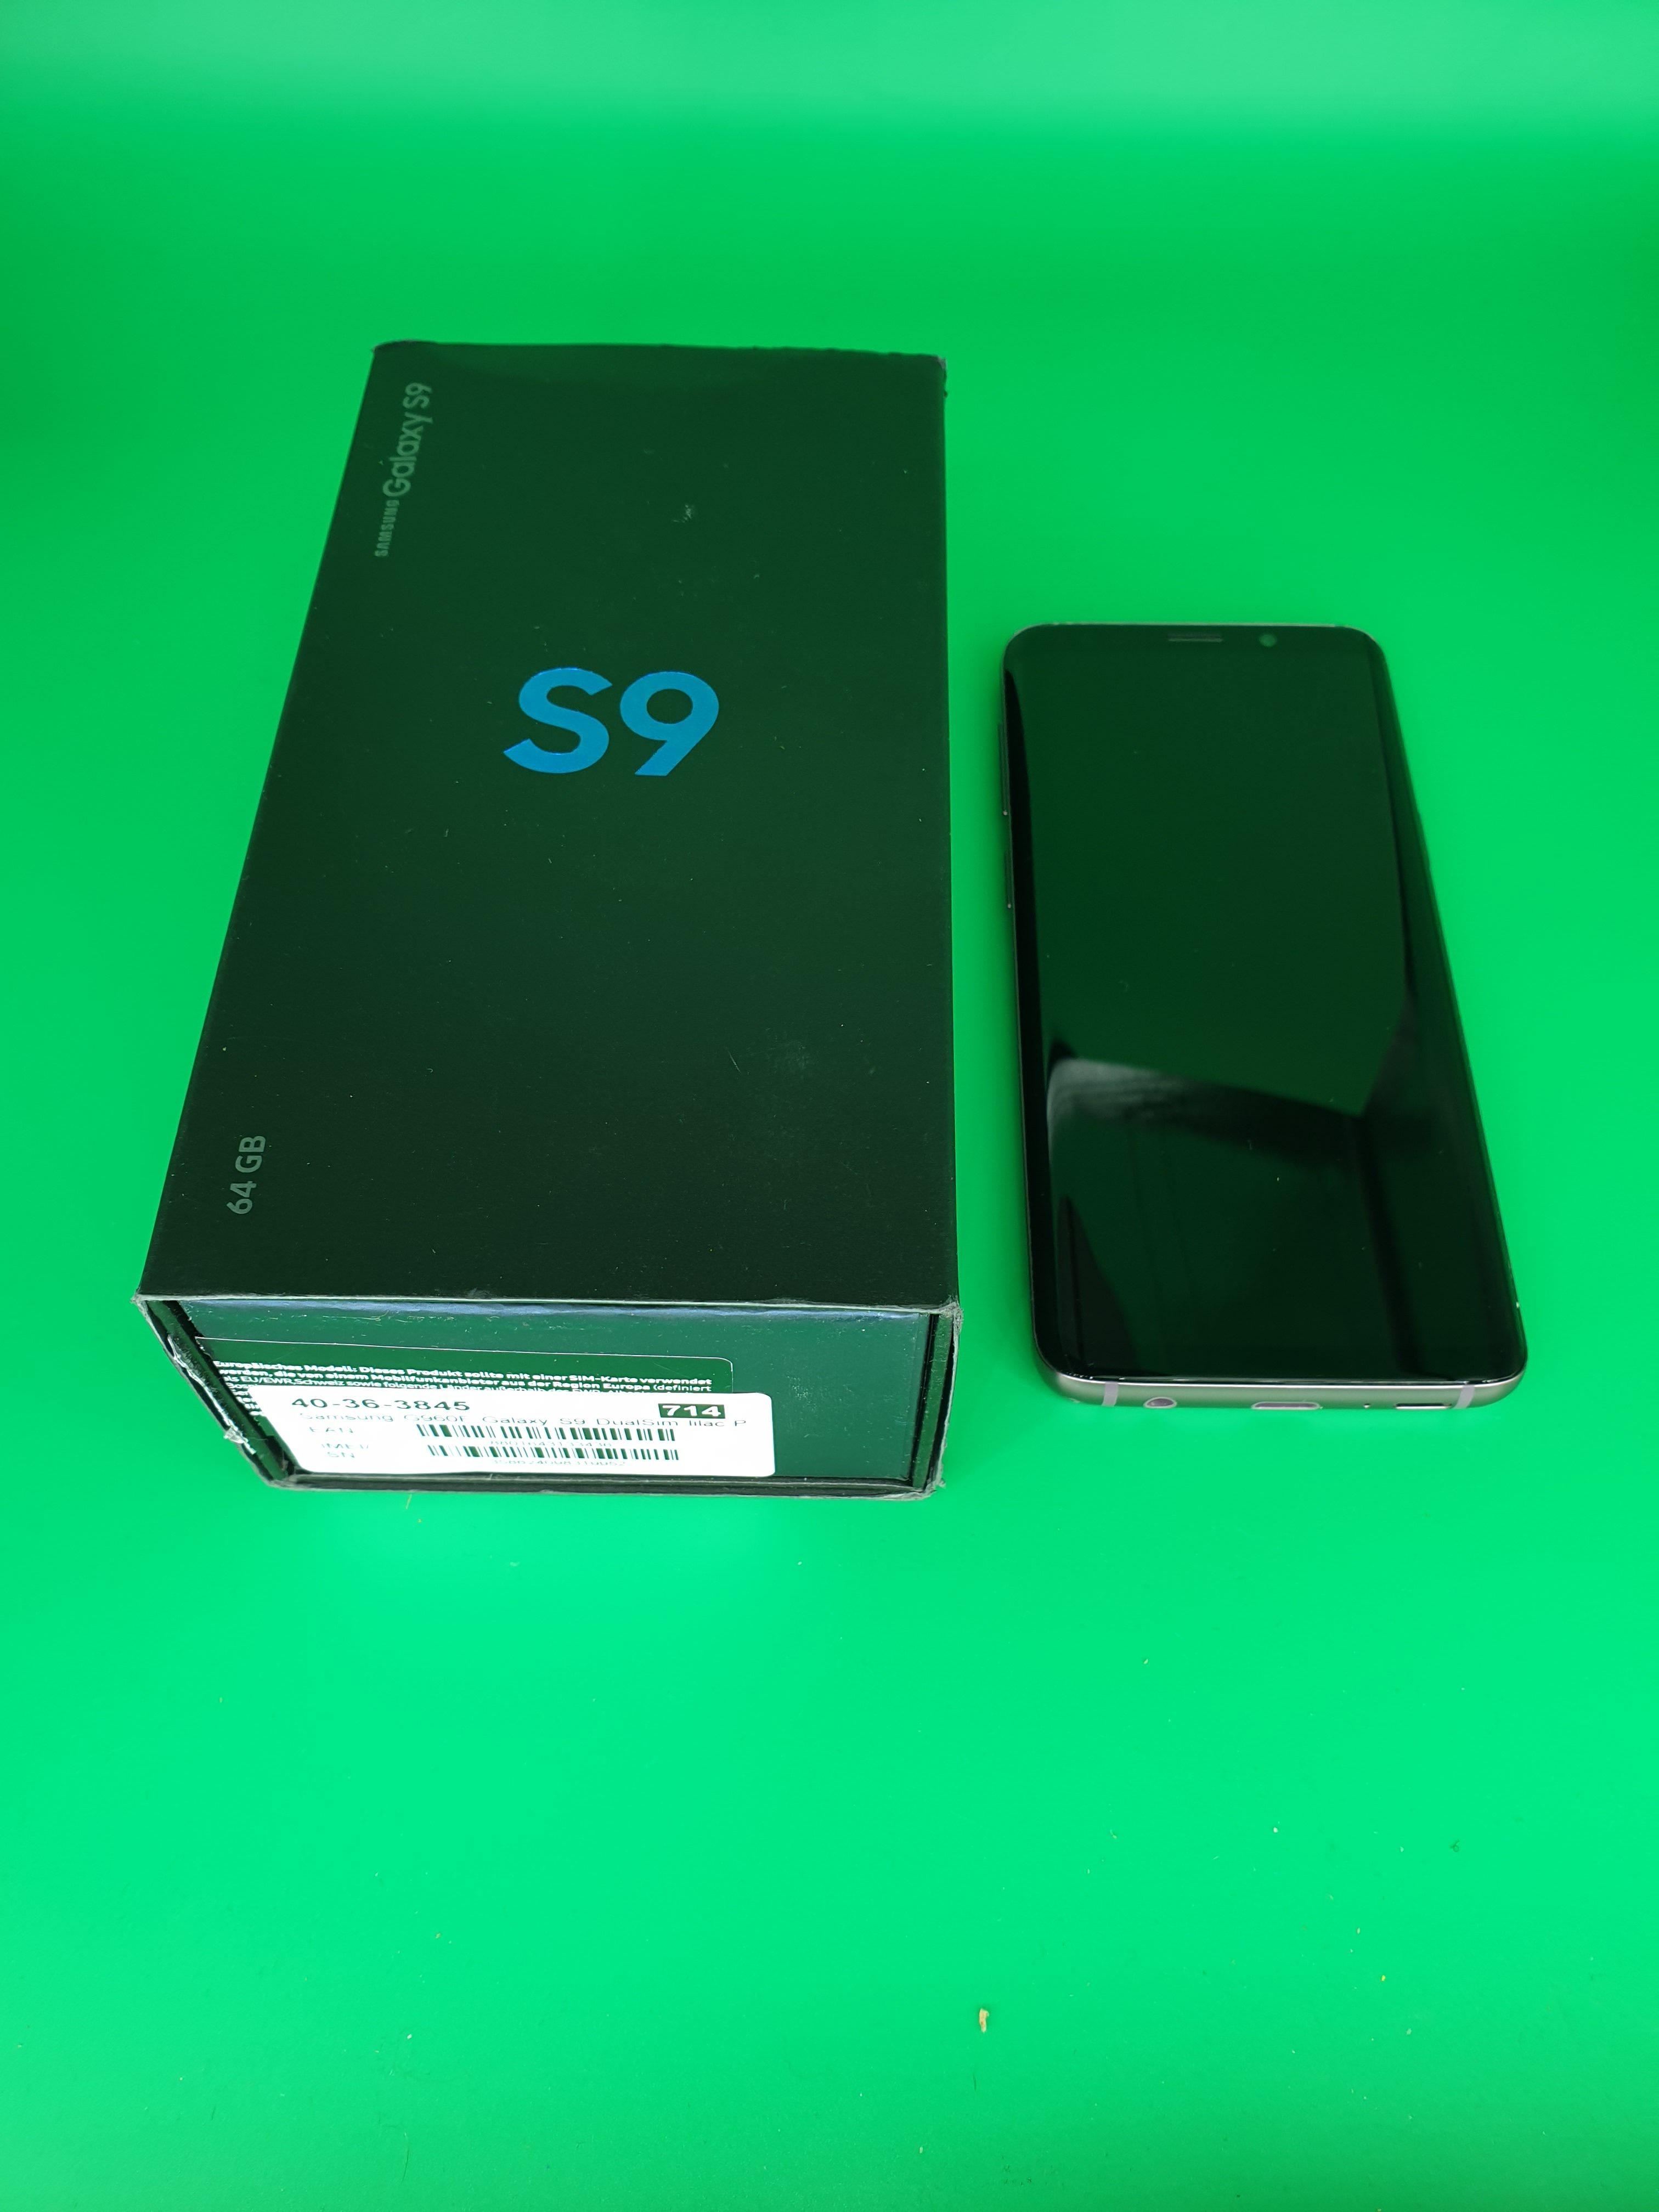 Iphone geräte gebraucht kaufen händler